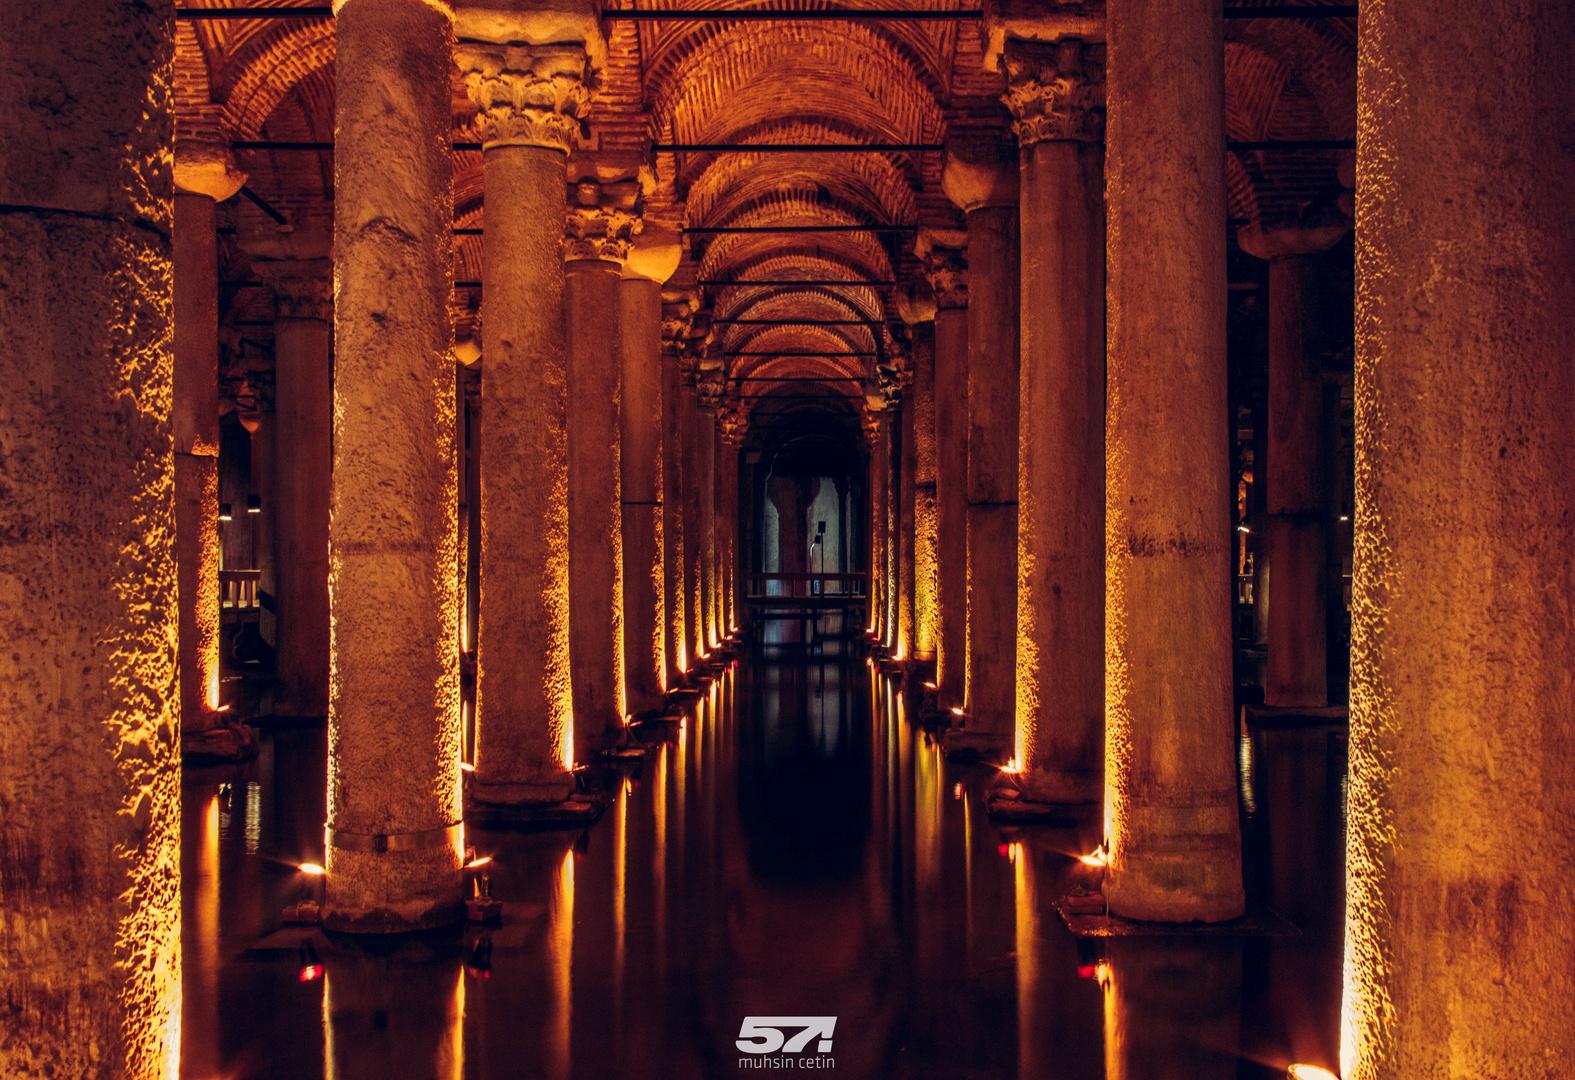 Versunkener Palast in Sultanahmet Istanbul